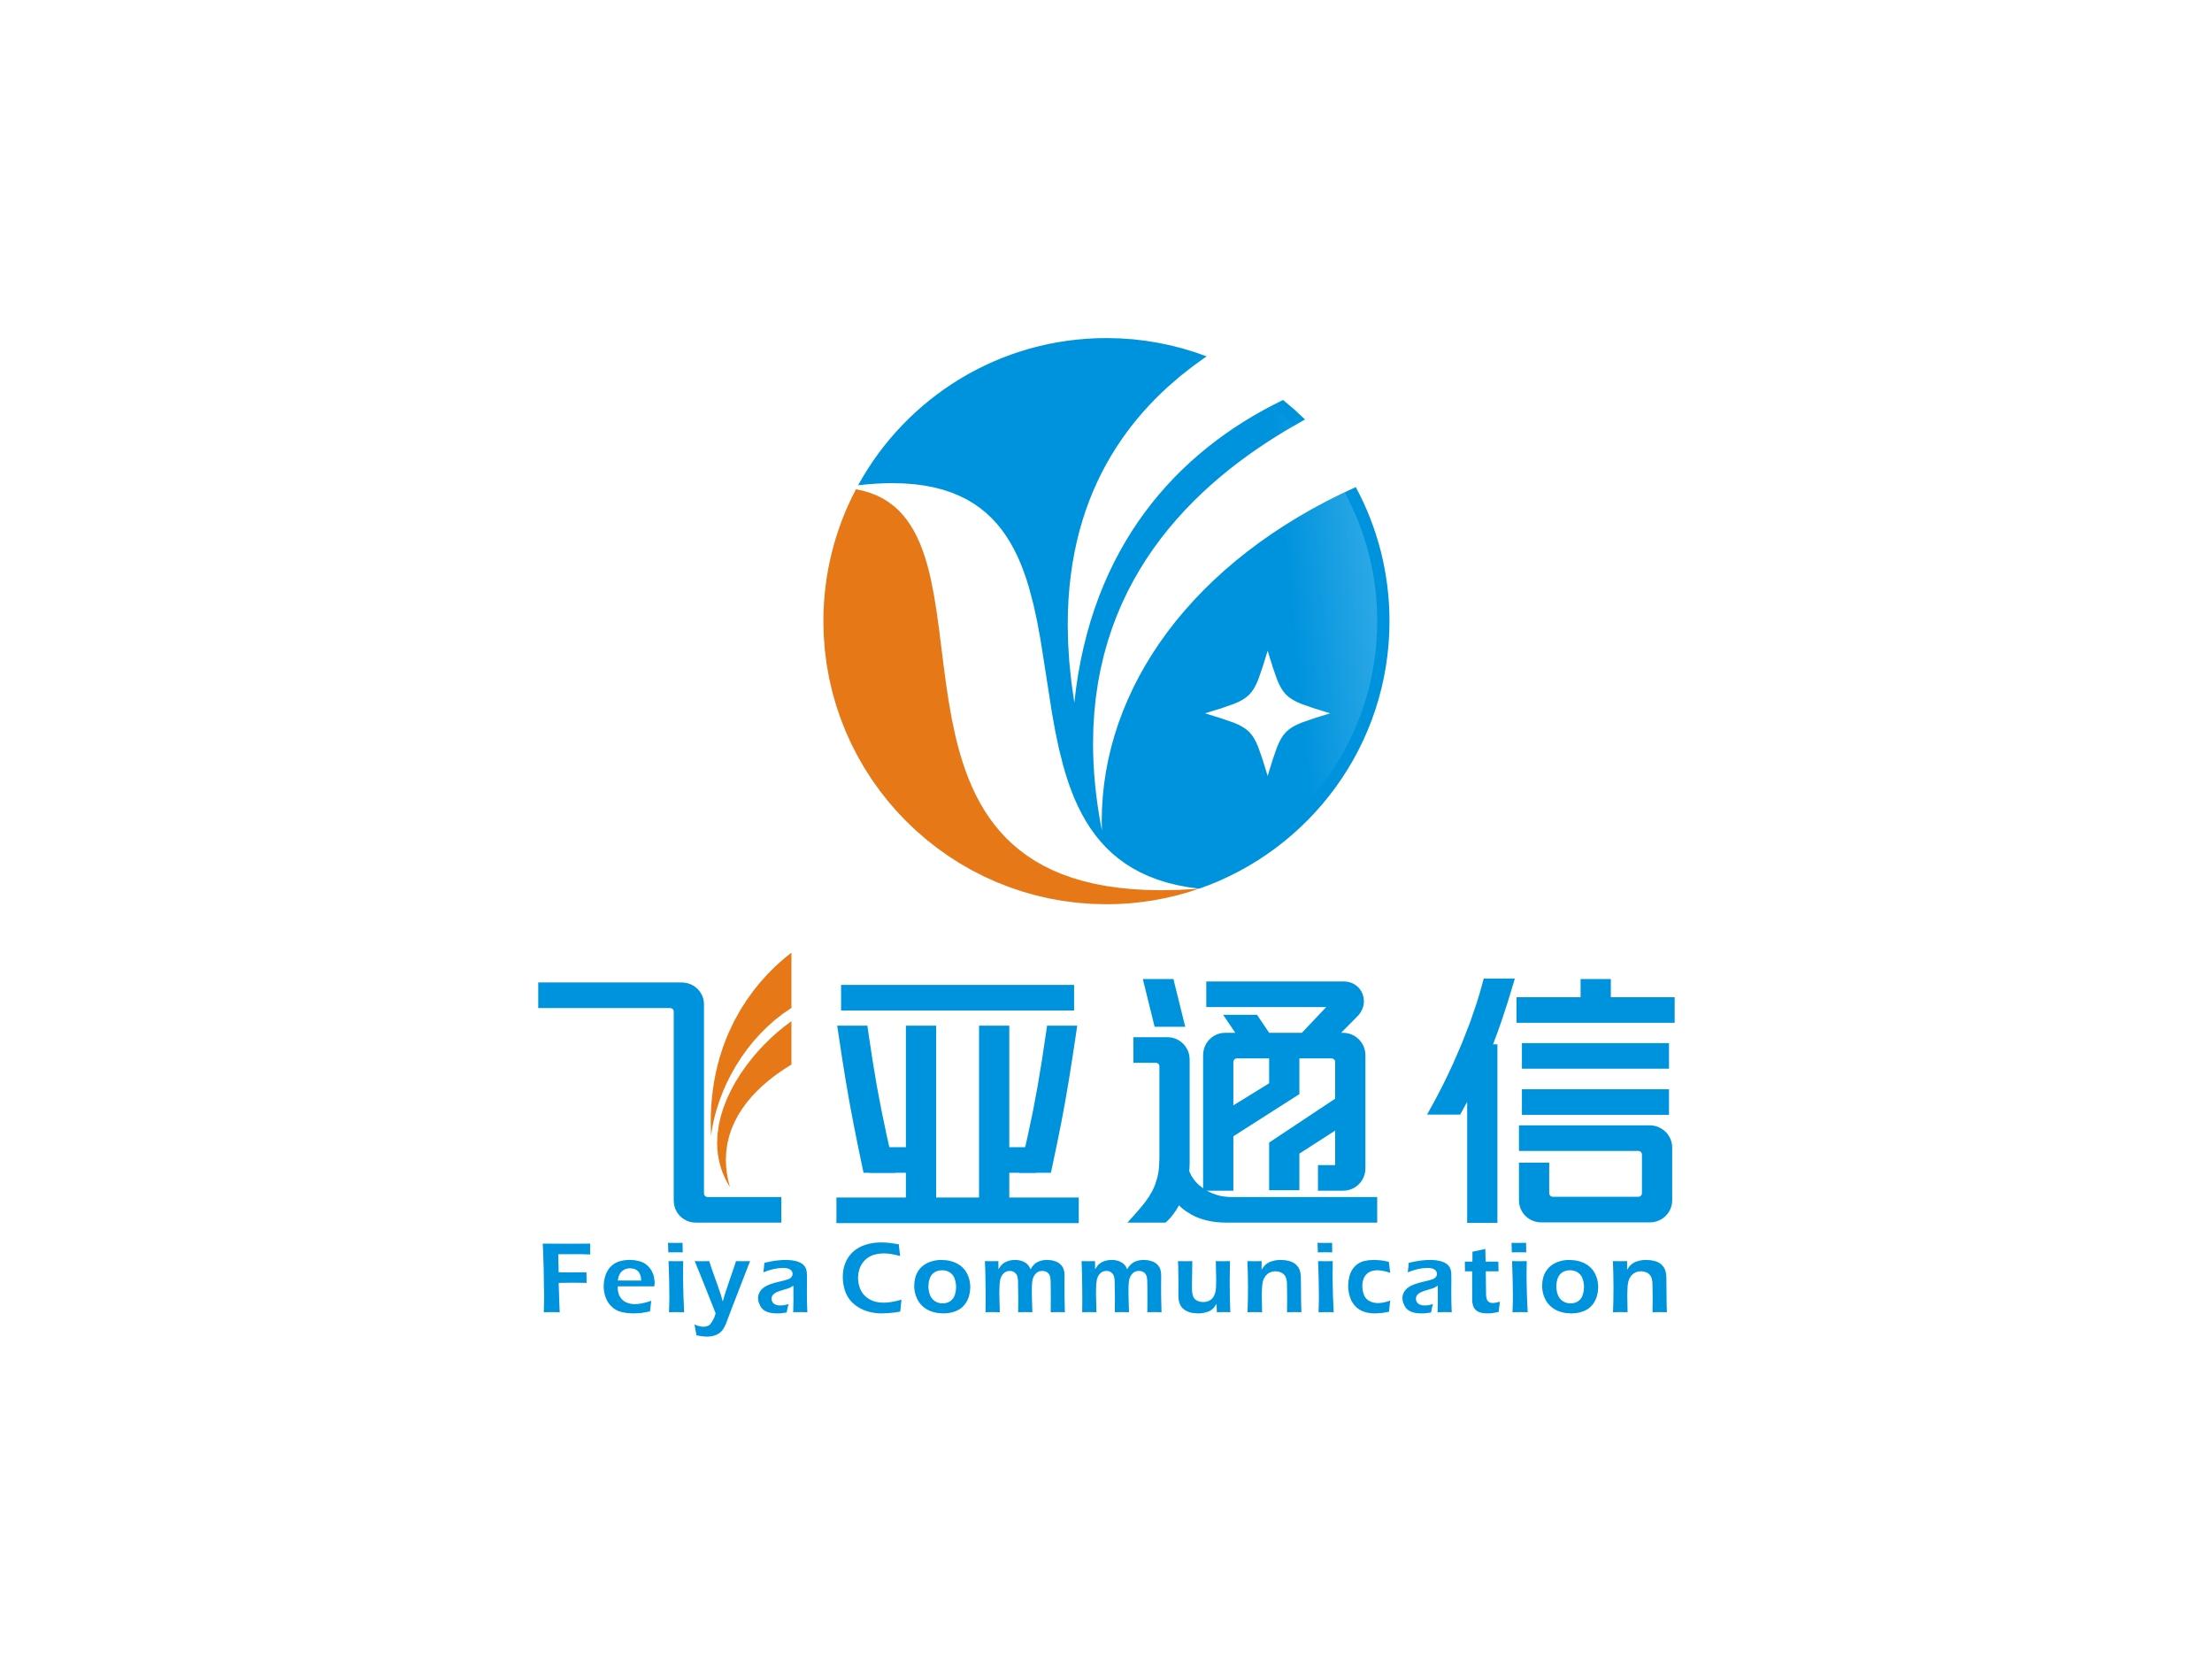 广东飞亚通信股份有限公司